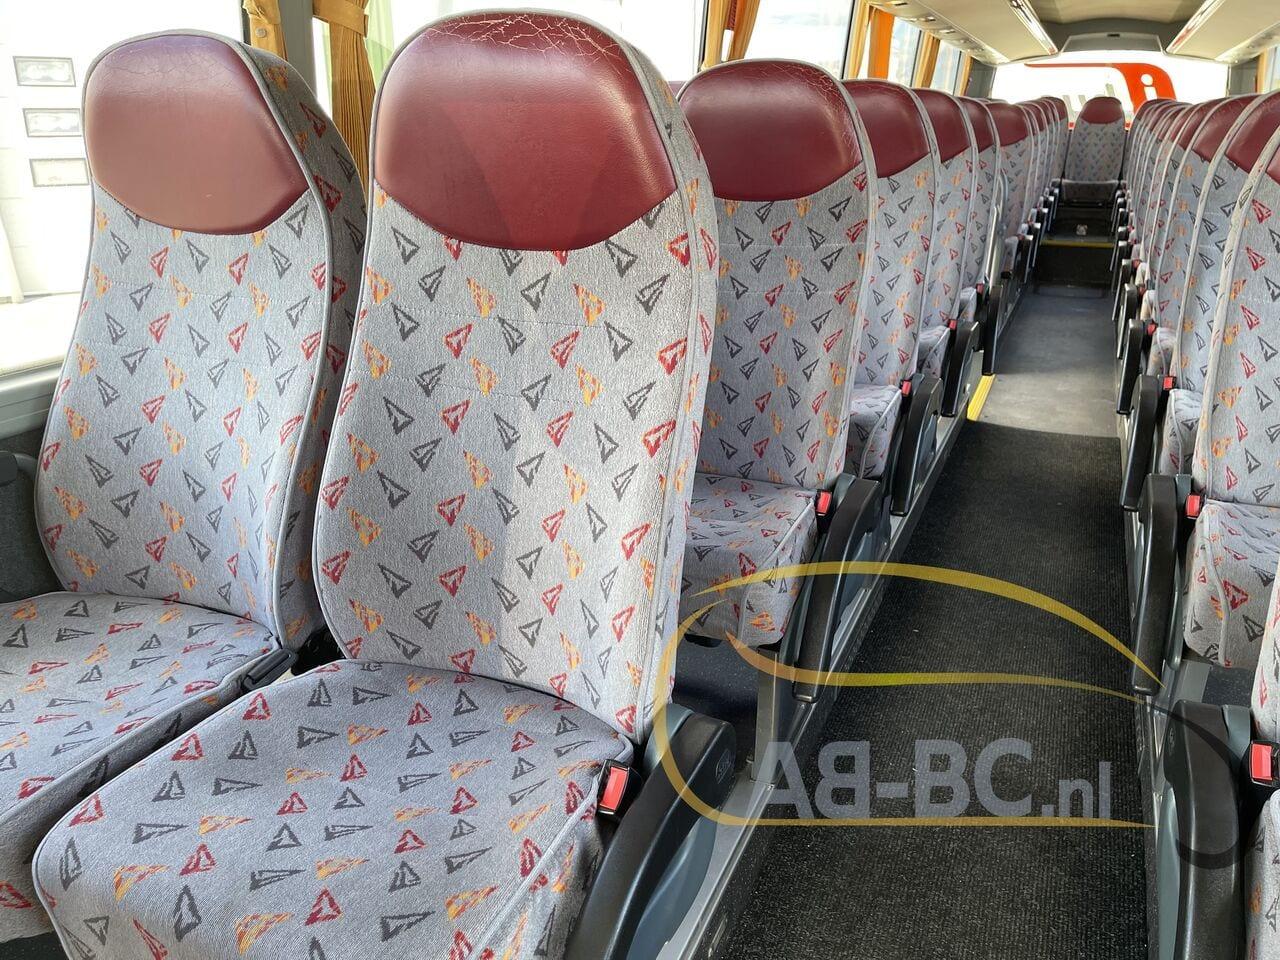 coach-busTEMSA-Safari-RD-53-Seats-DAF-Motor-12-mtr---1616166780511480795_big_47c0fe3bd8c564799153f4623a285134--21031917053743807500